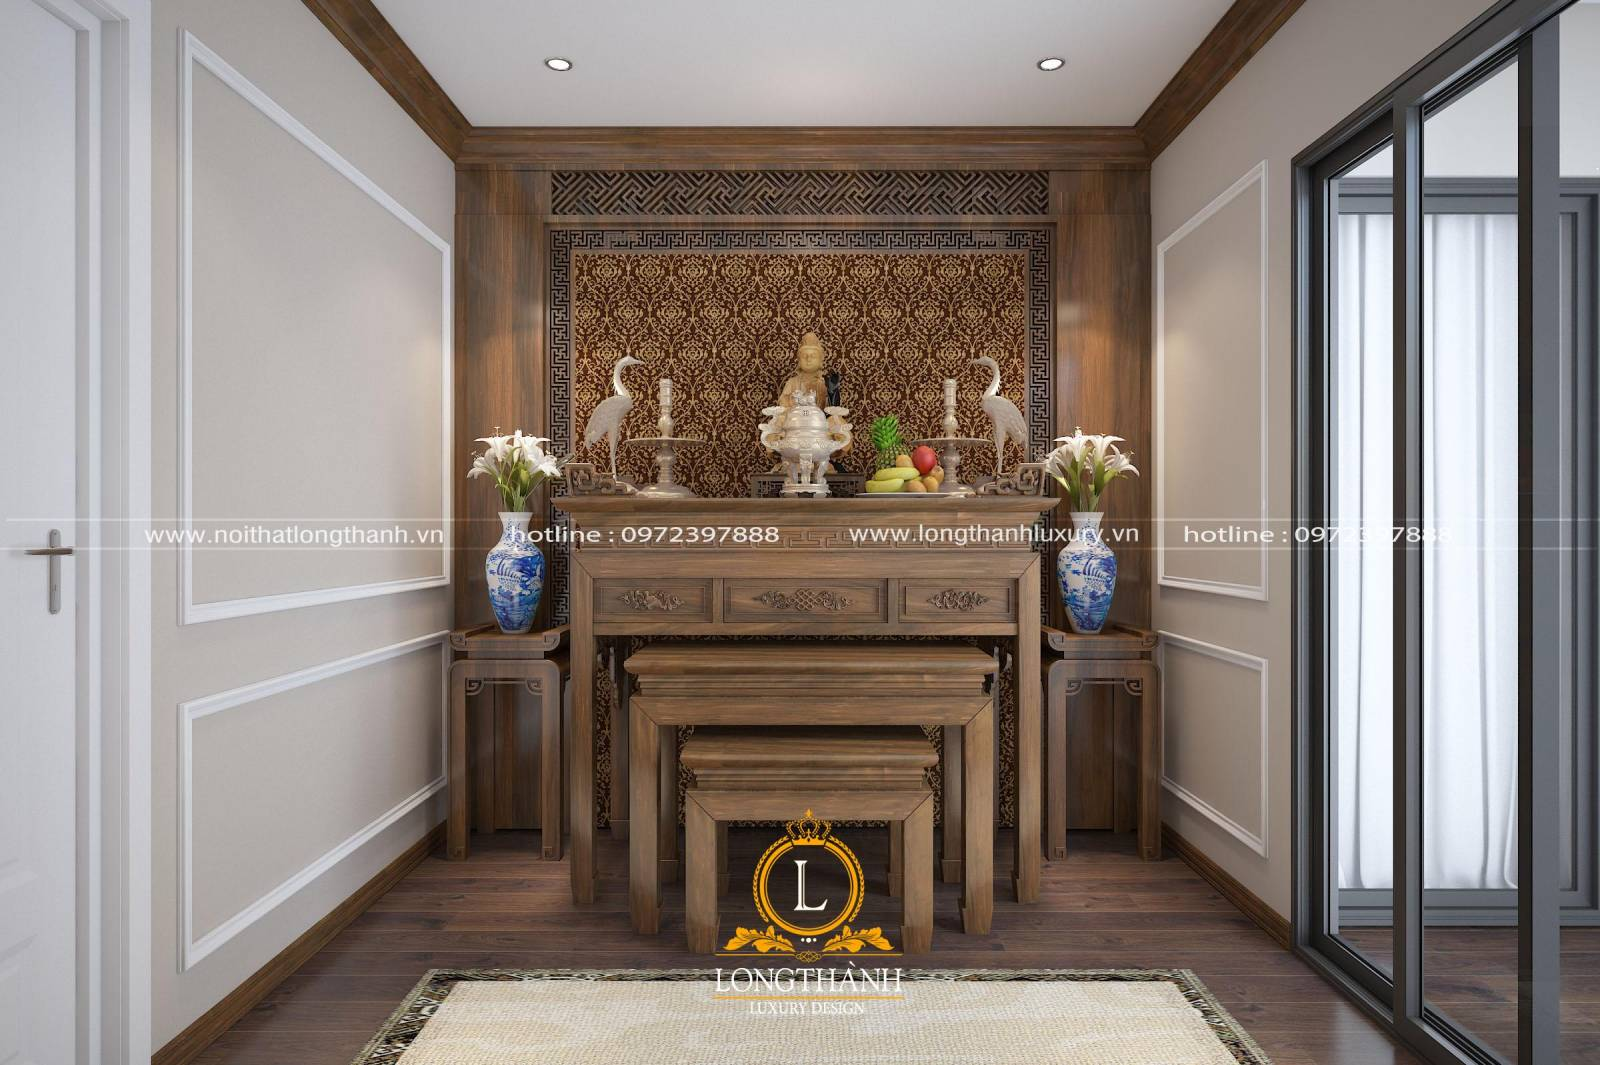 Thiết kế phòng thờ phật cho chung cư chất liệu gỗ Gõ cao cấp